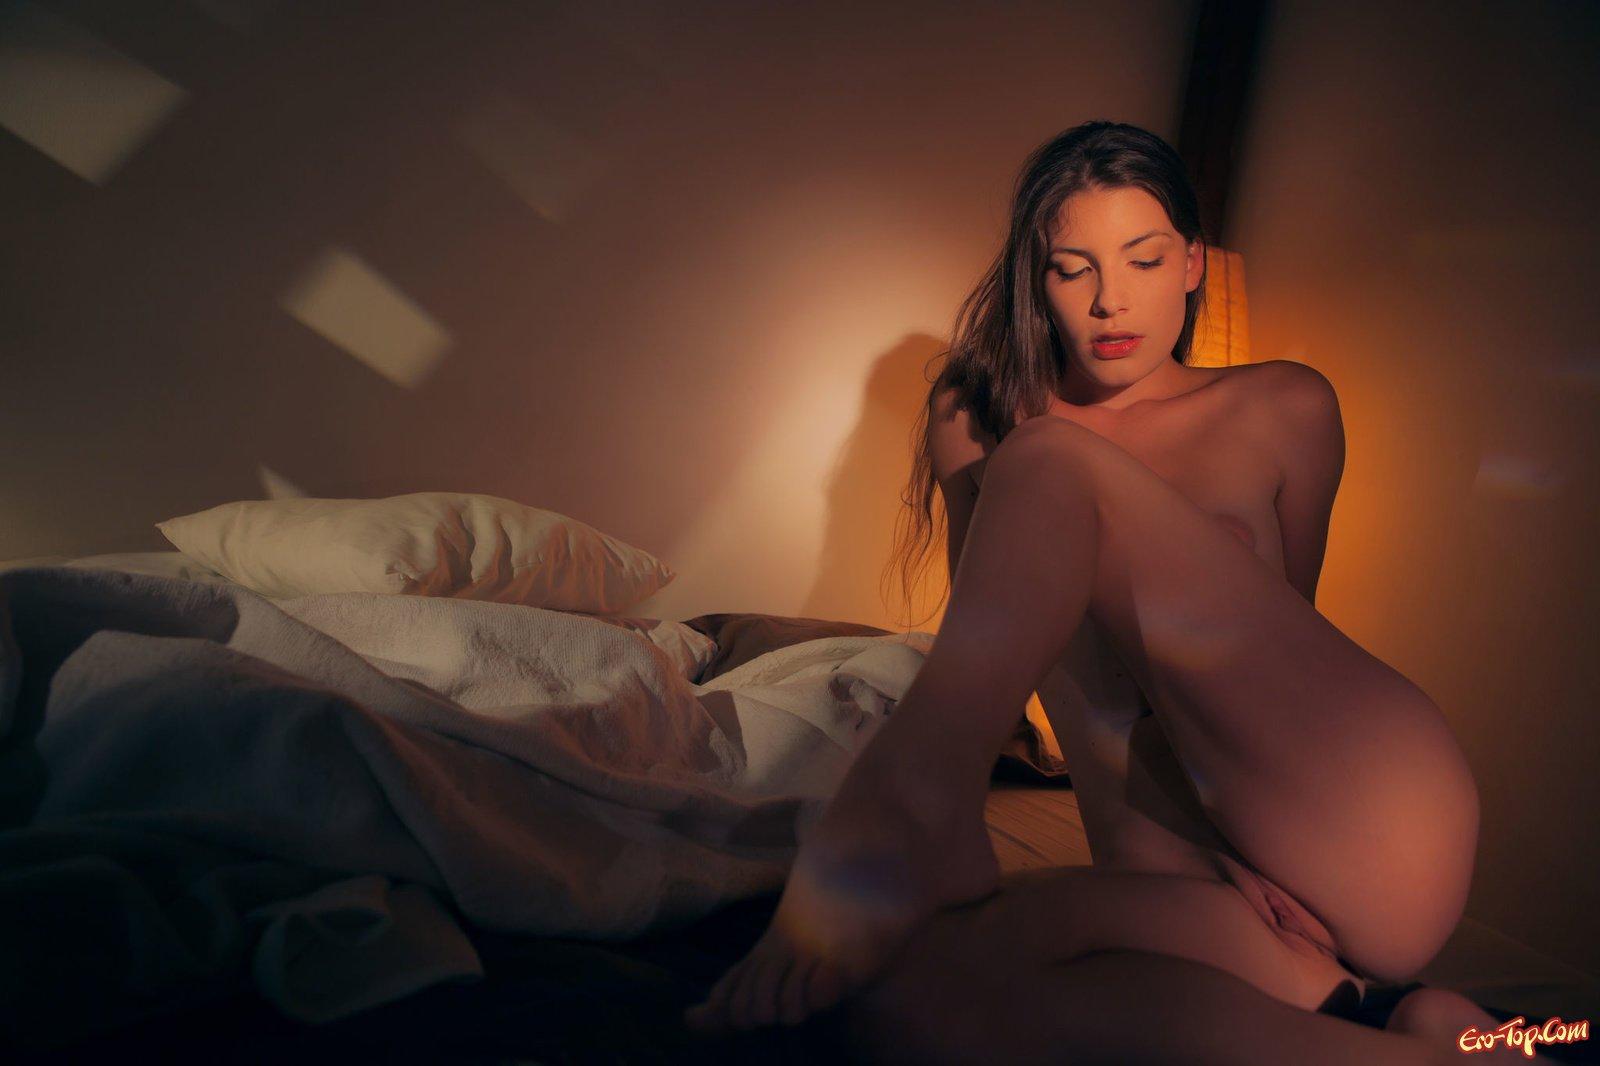 Эротические фото в спальне, девушки секс сосать трах ебут